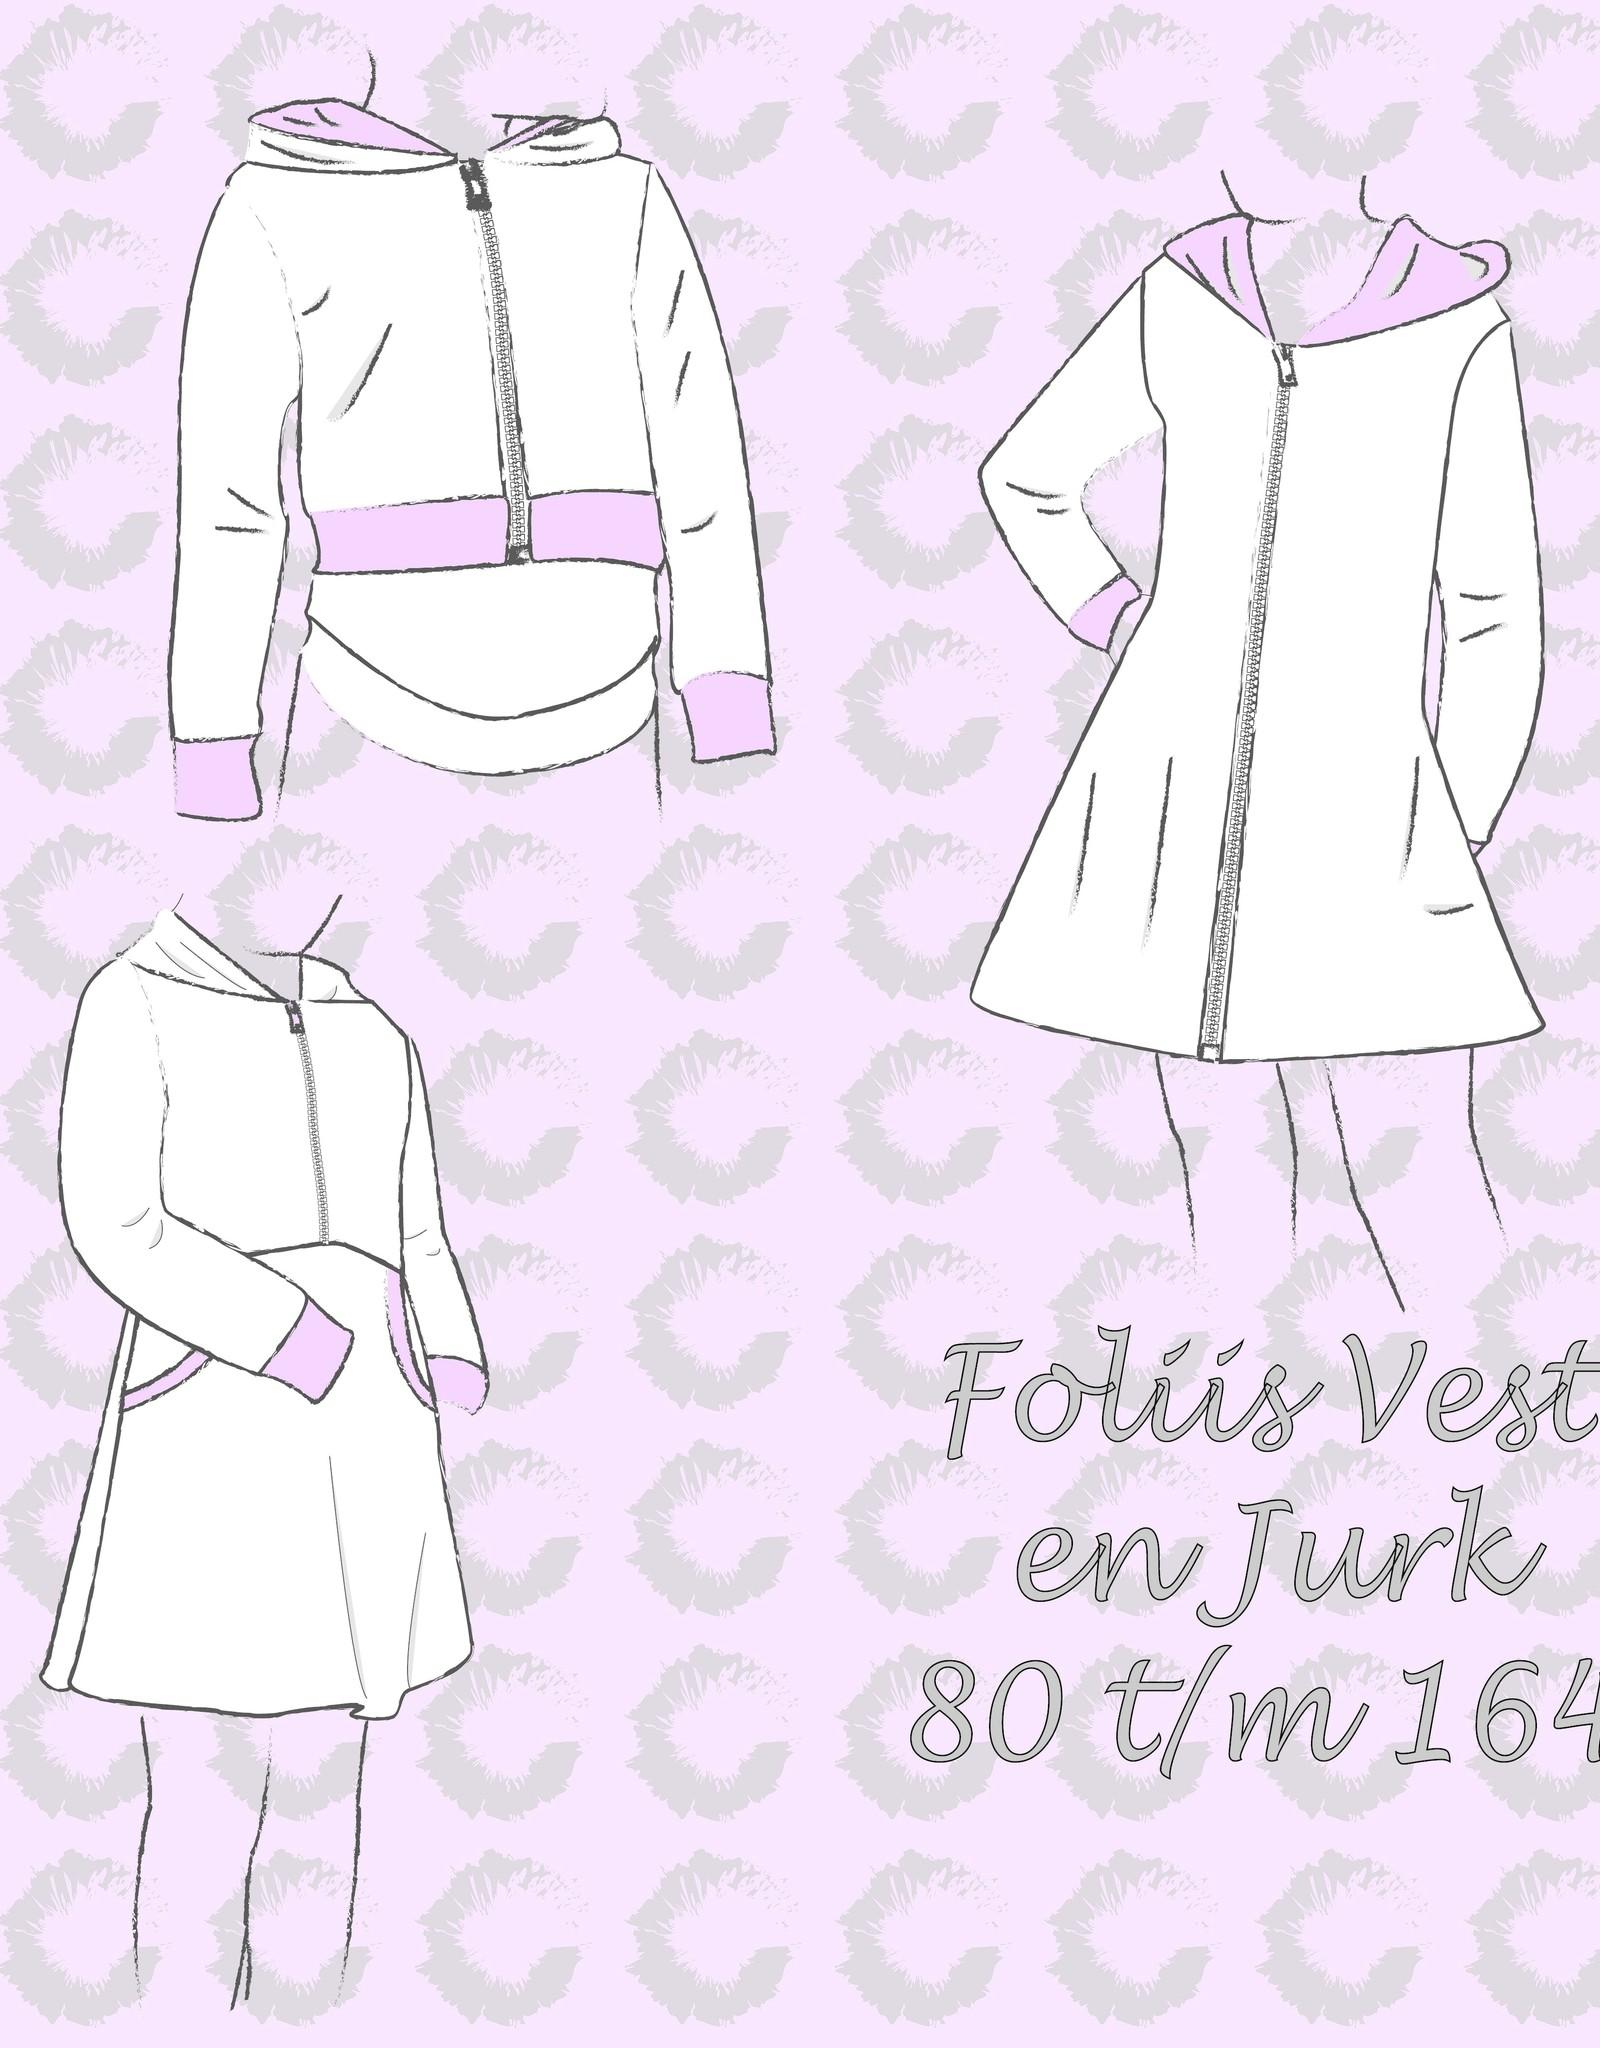 Sofilantjes Foliis vest en jurk - Sofilantjes